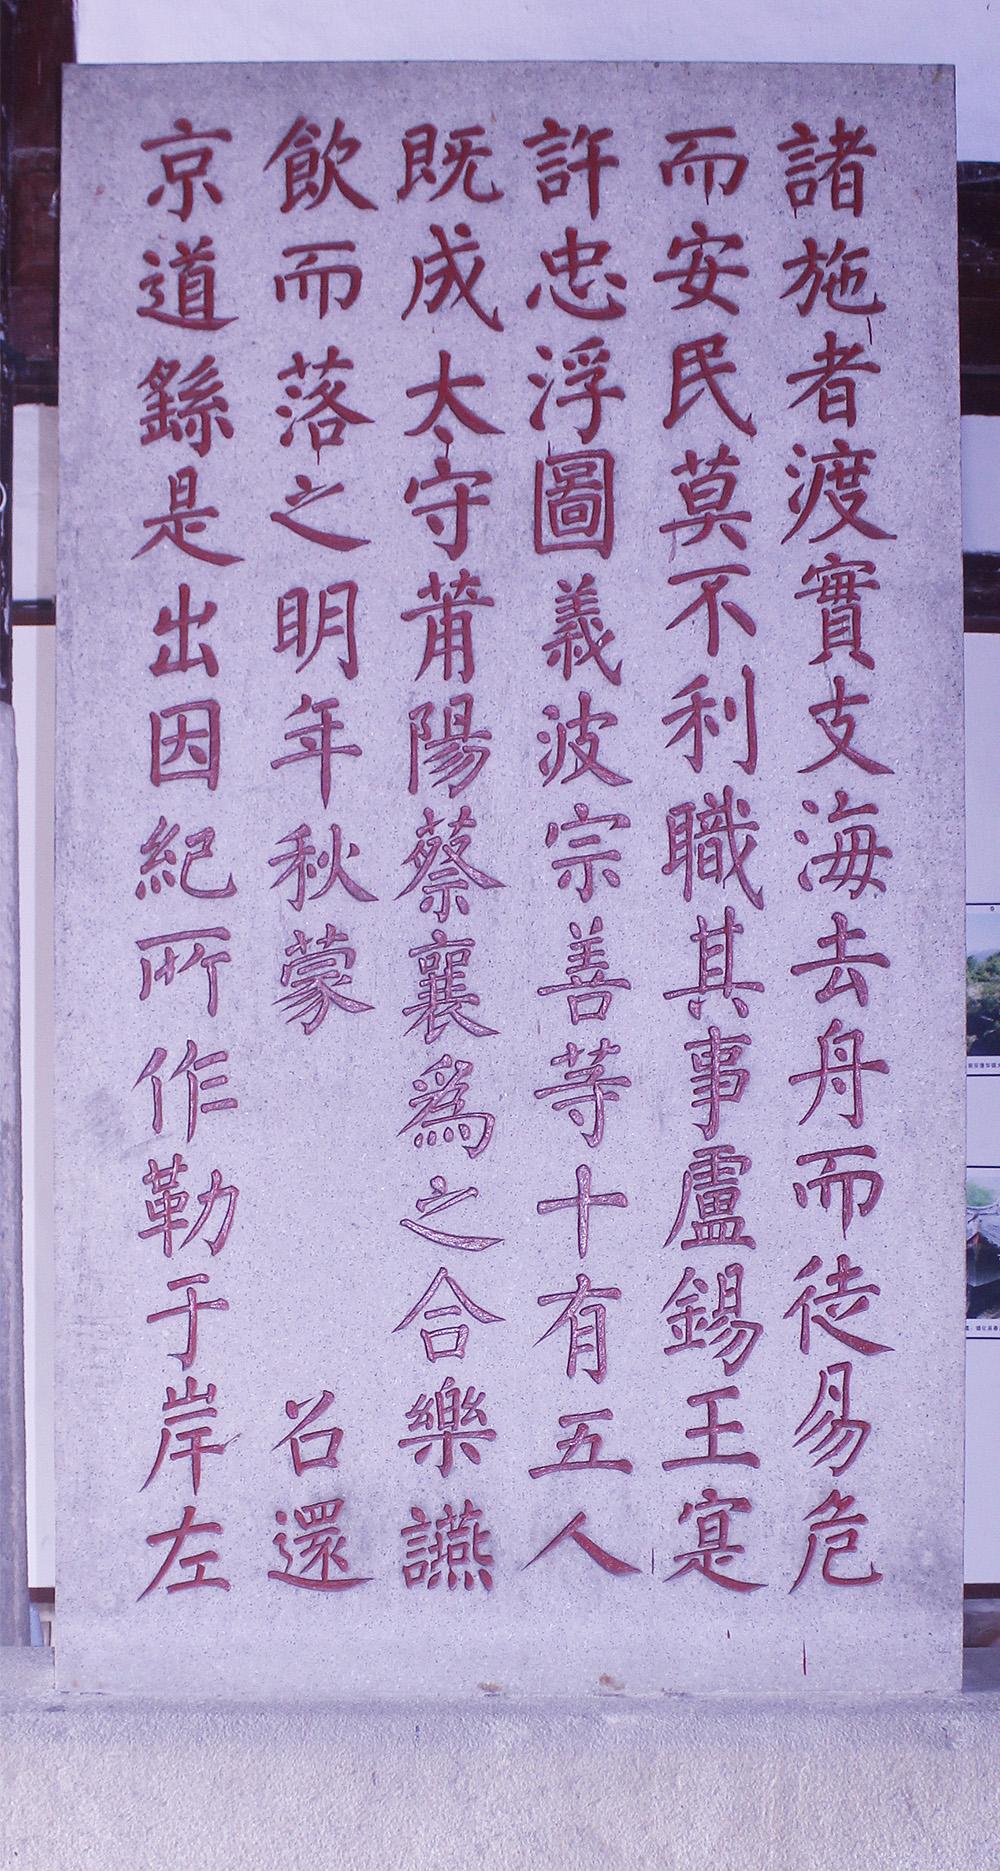 万安渡石桥记(2) 缩图